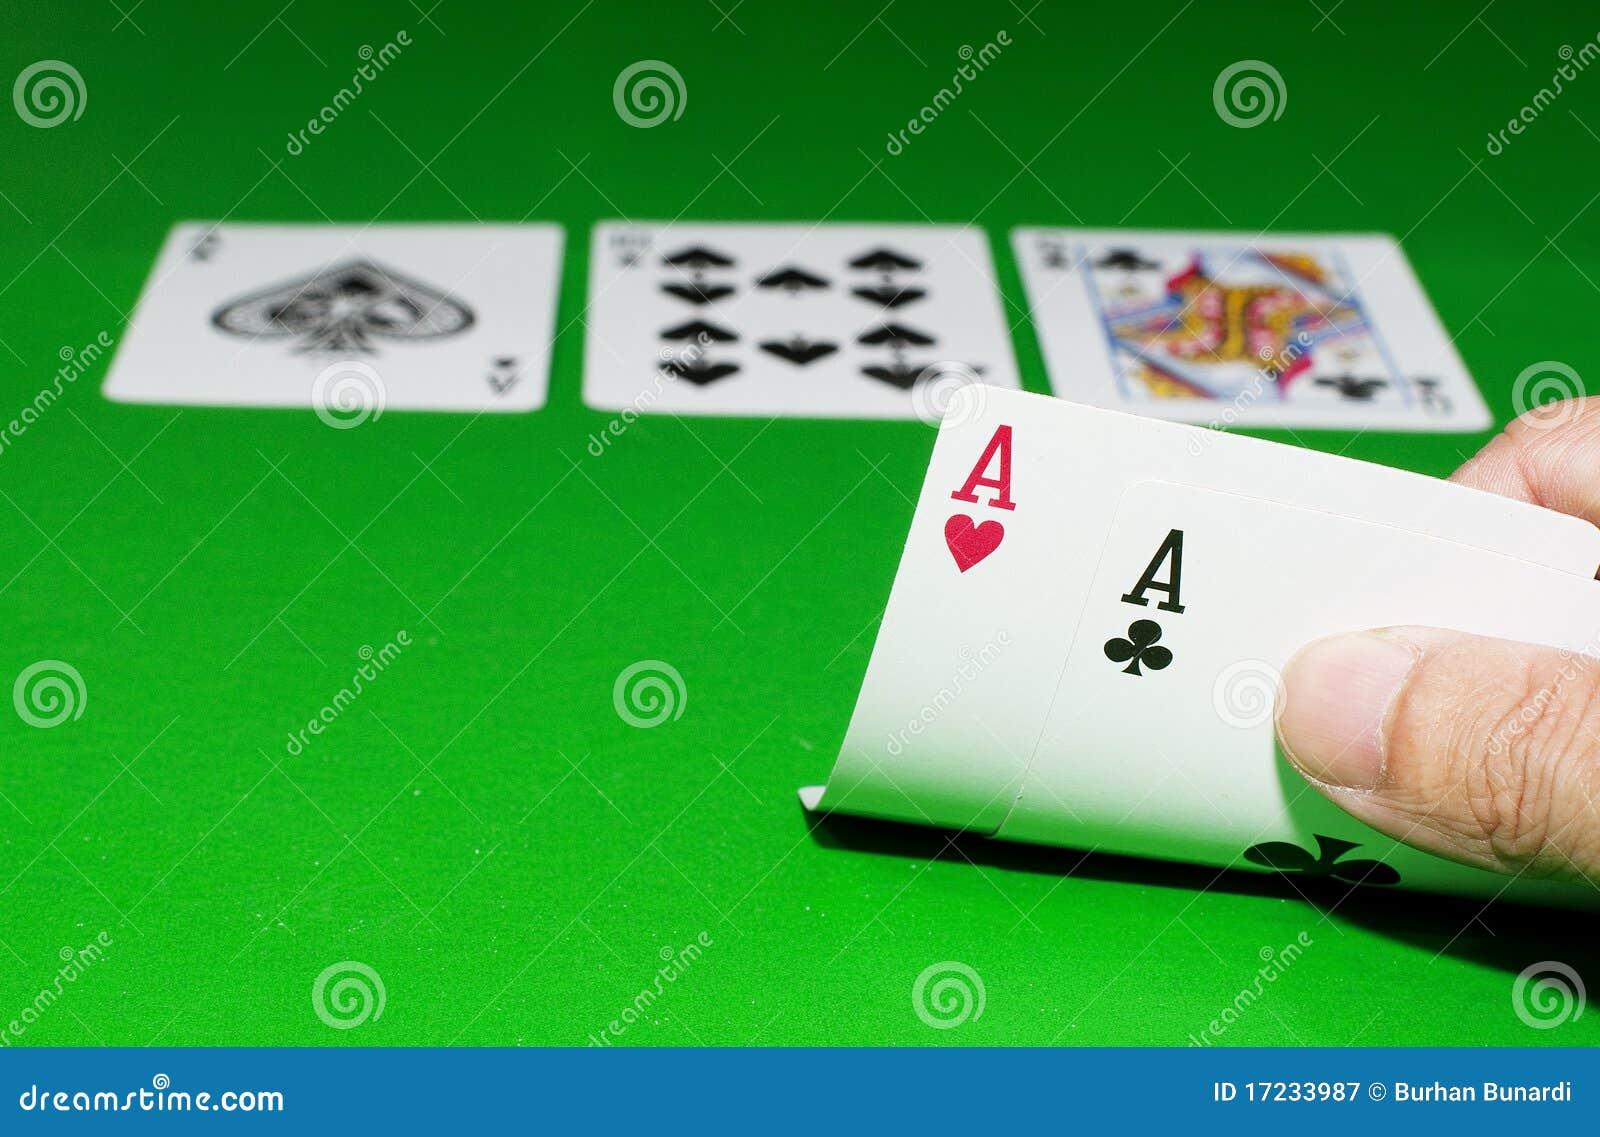 Poker texas holdem allegro